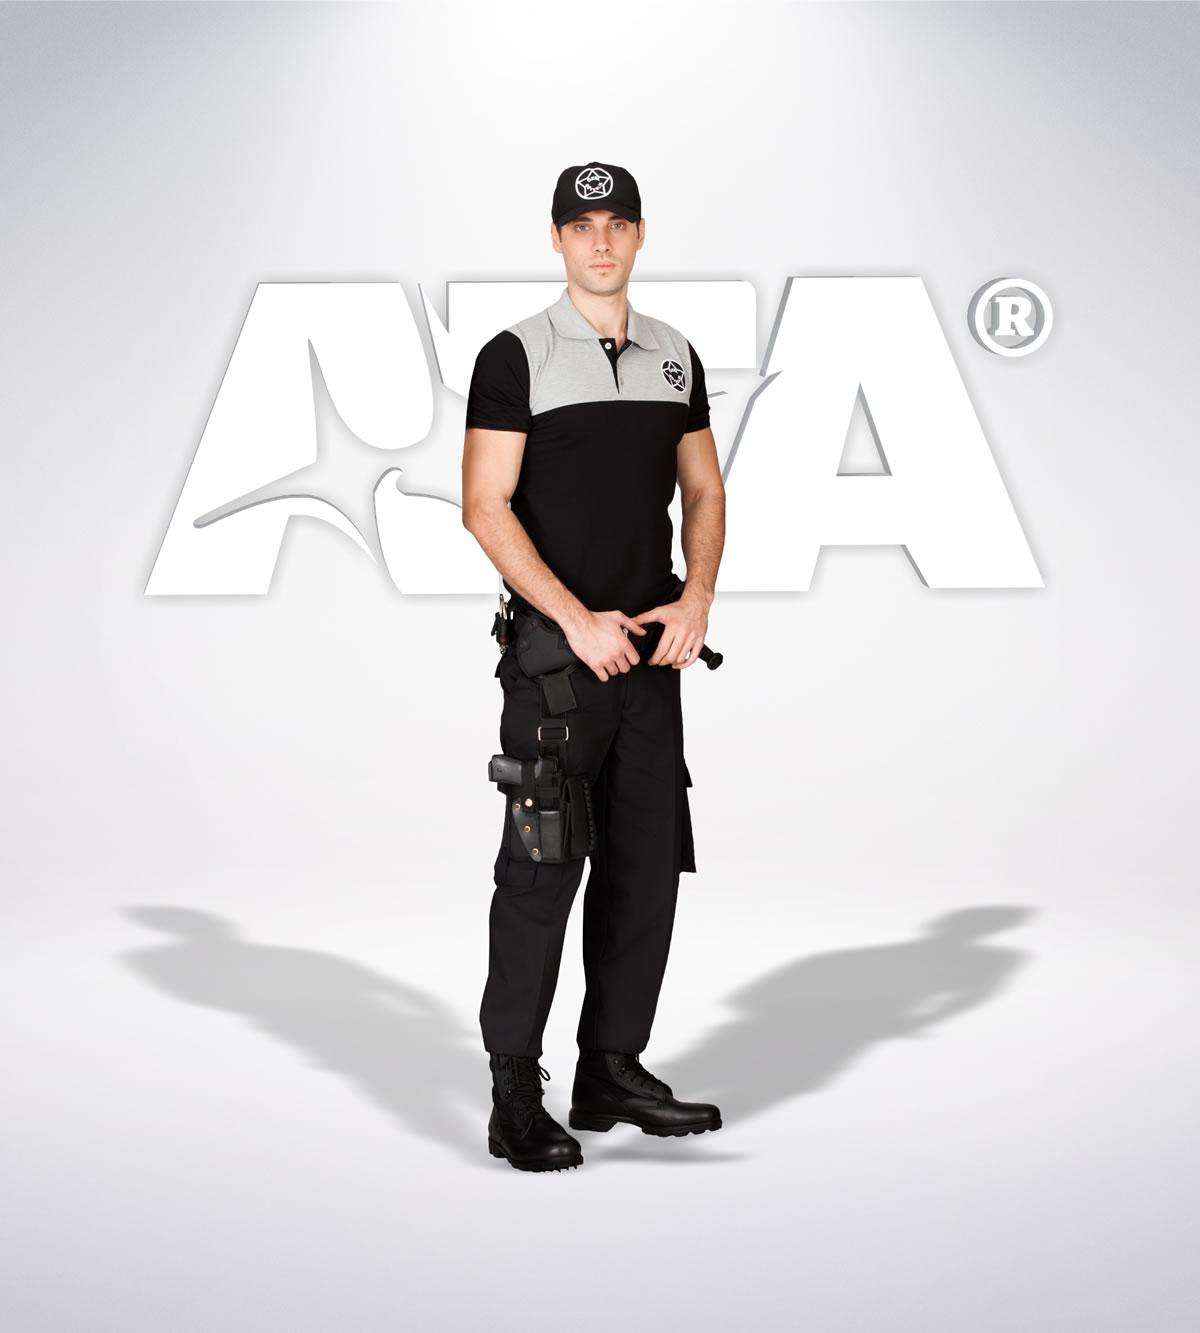 ATA 103 - ribstop kumaş pantolon - t-shirt - aksesuar - güvenlik elbiseleri | güvenlik üniformaları | güvenlik kıyafetleri